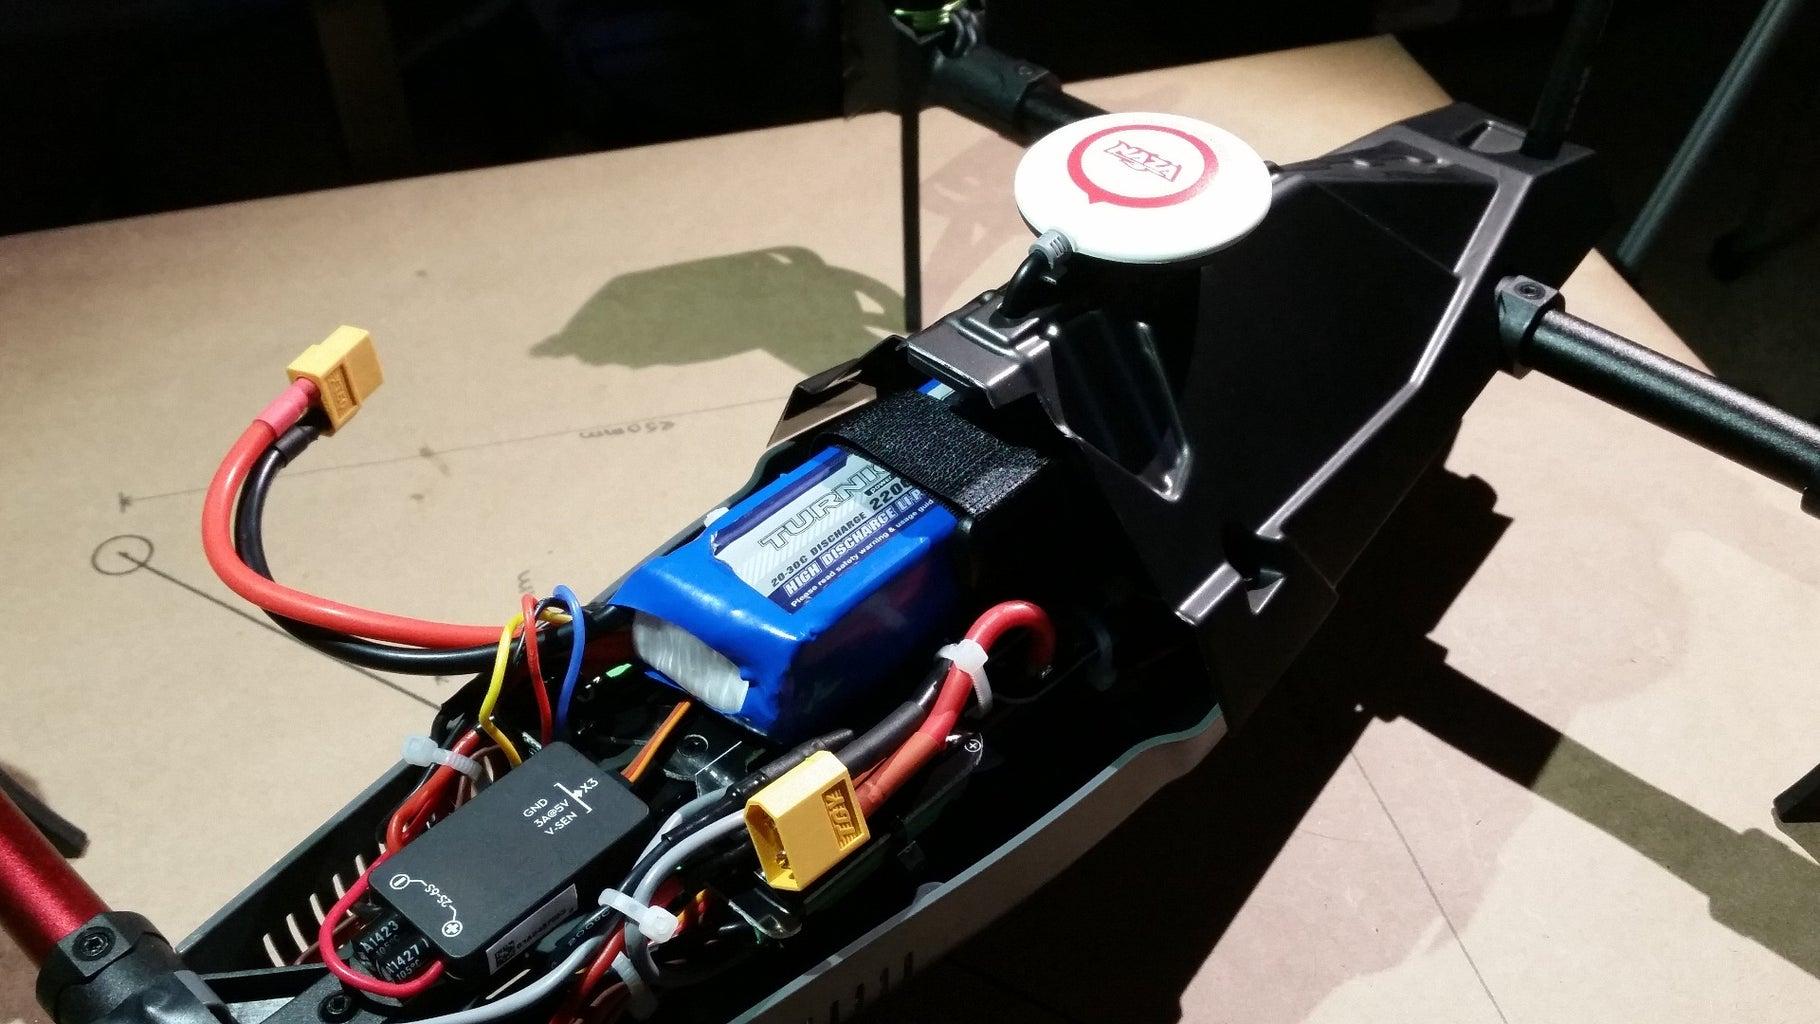 Insert the Battery